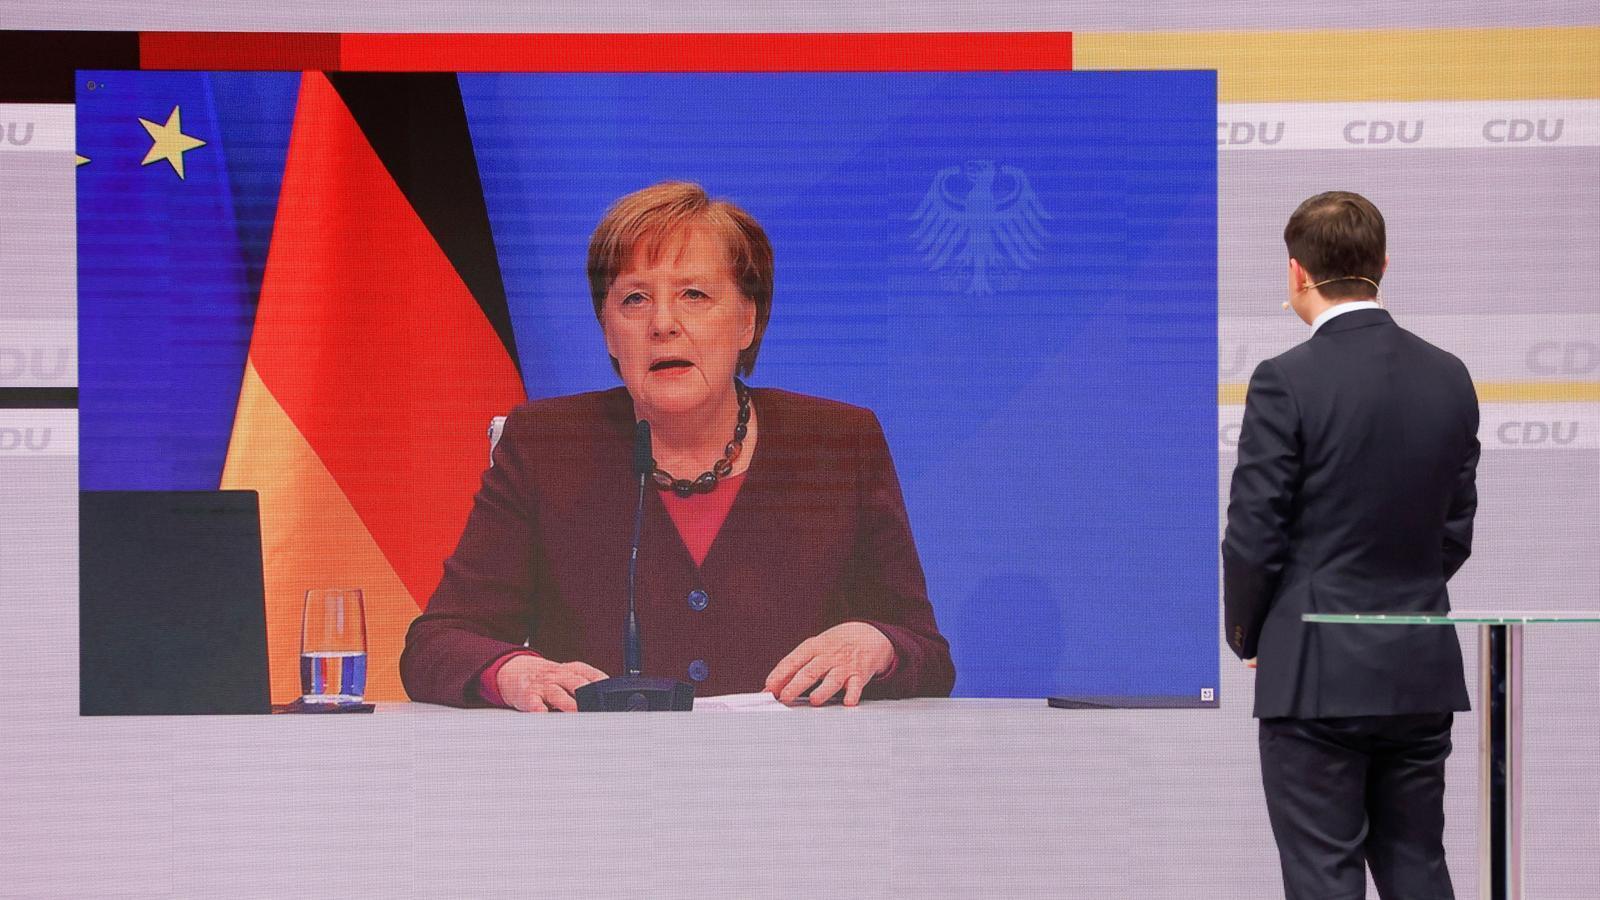 La cancellera alemanya, Angela Merkel, intervé per videoconferència al congrés de la CDU